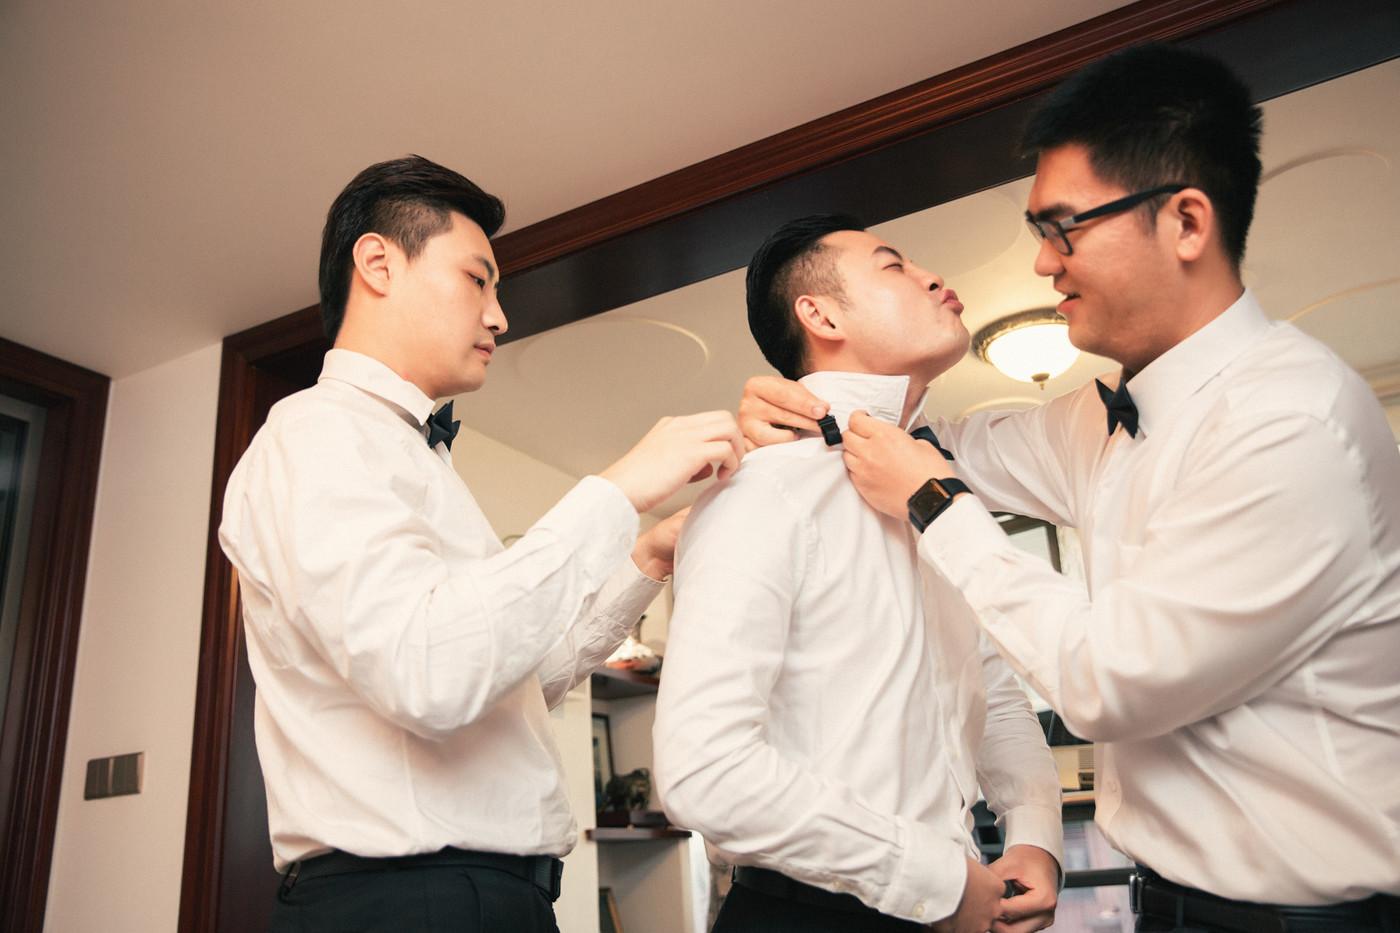 【KAI 婚礼纪实】P&S 南京婚礼17